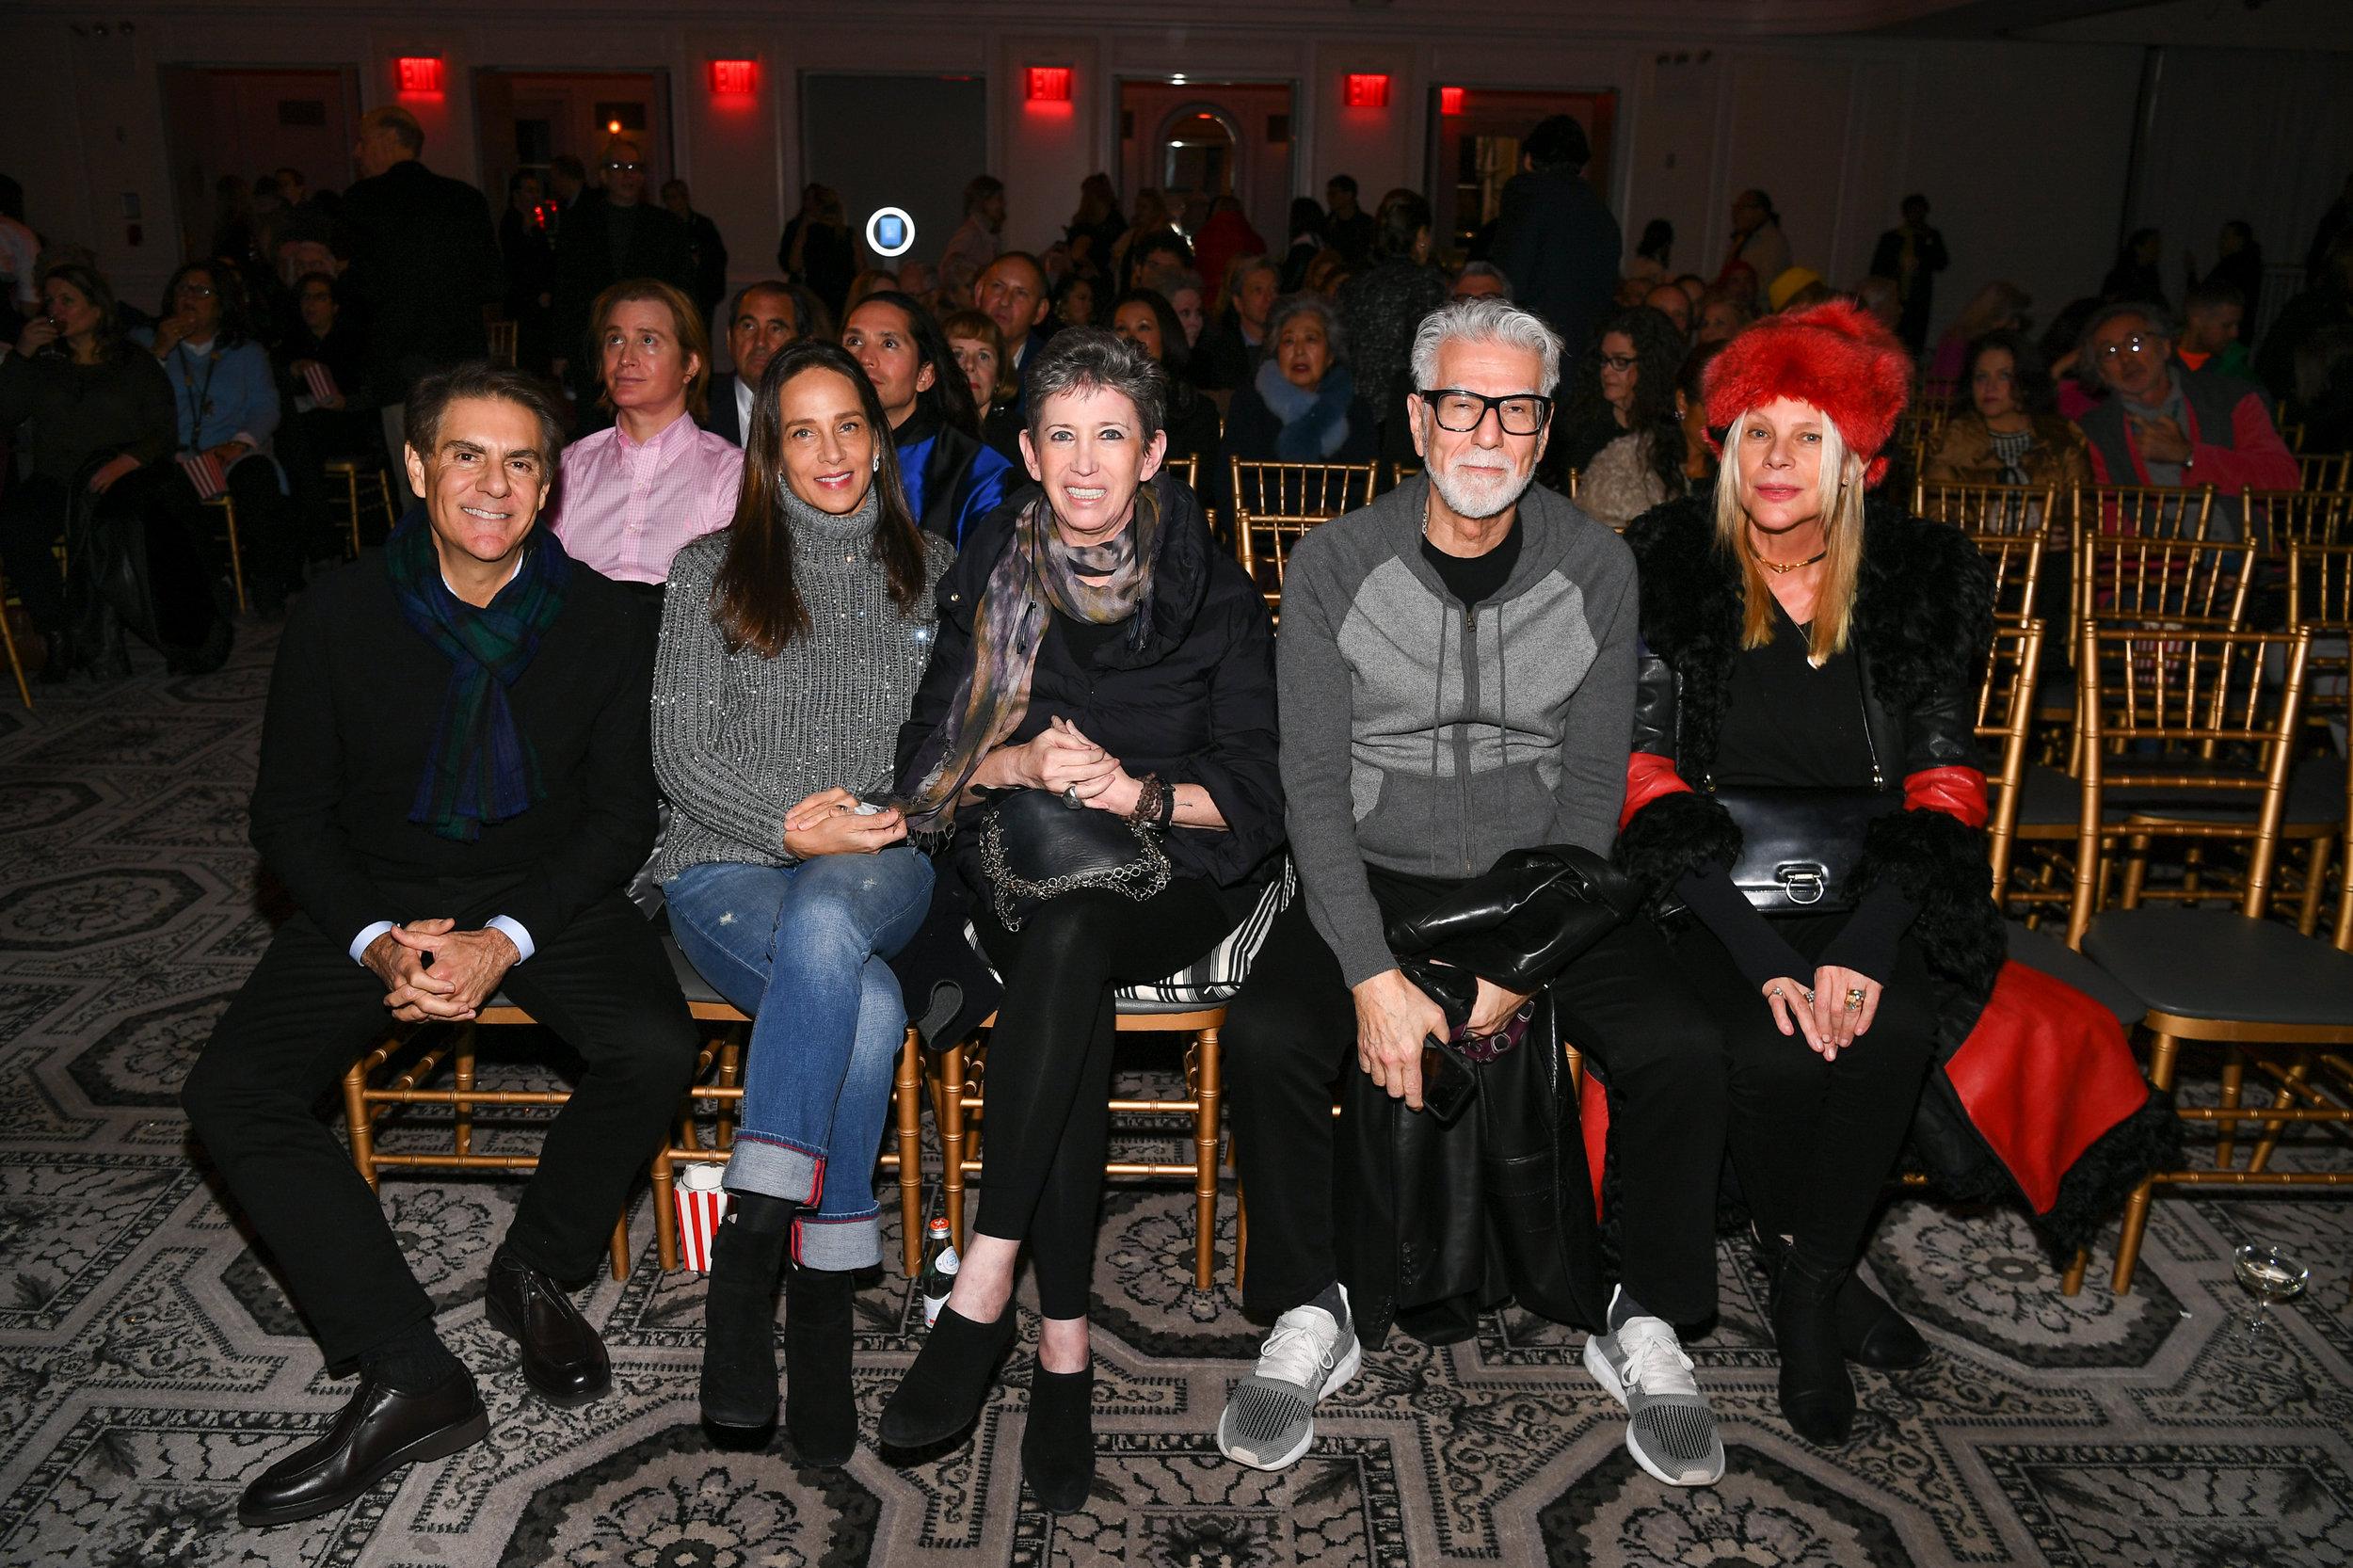 Richard Mishaan, Marcia Mishaan, Beth Rudin DeWoody, Firooz Zahedi, Guest © Getty Image